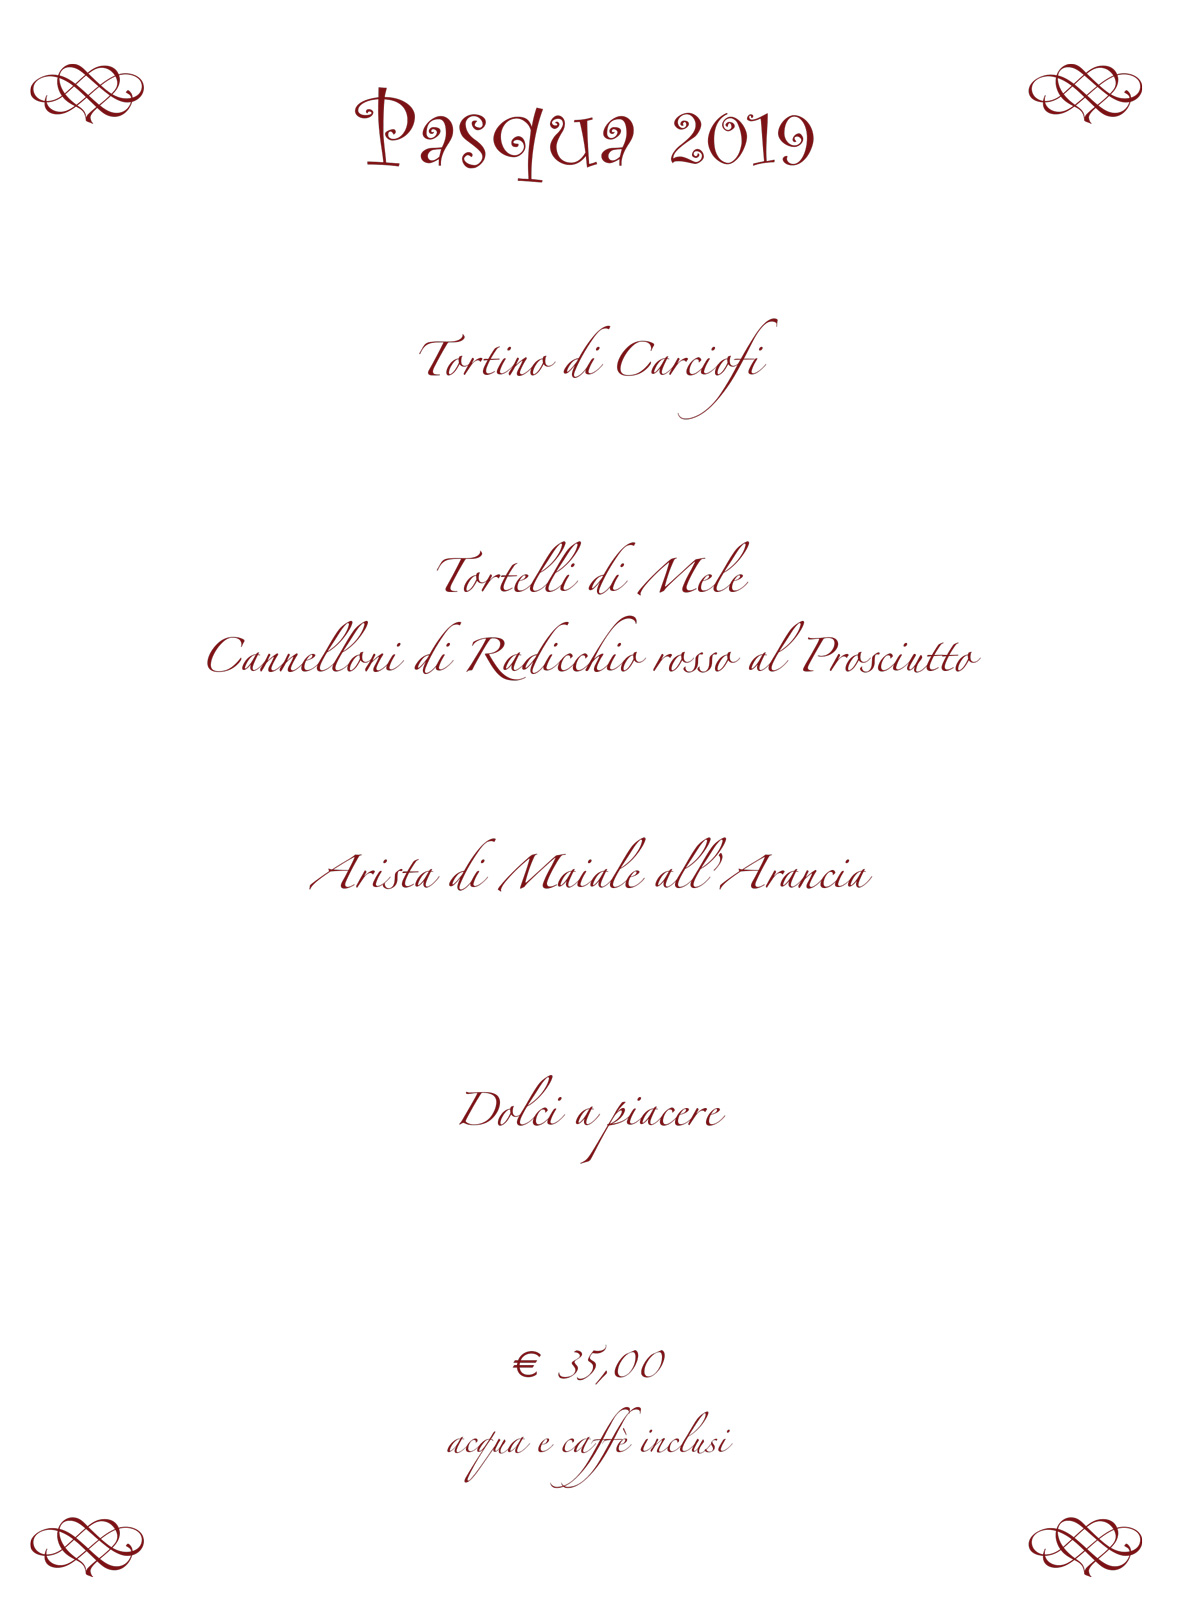 Menu di Pasqua 2019 - Cines - Castelnovo ne Monti - Reggio Emilia